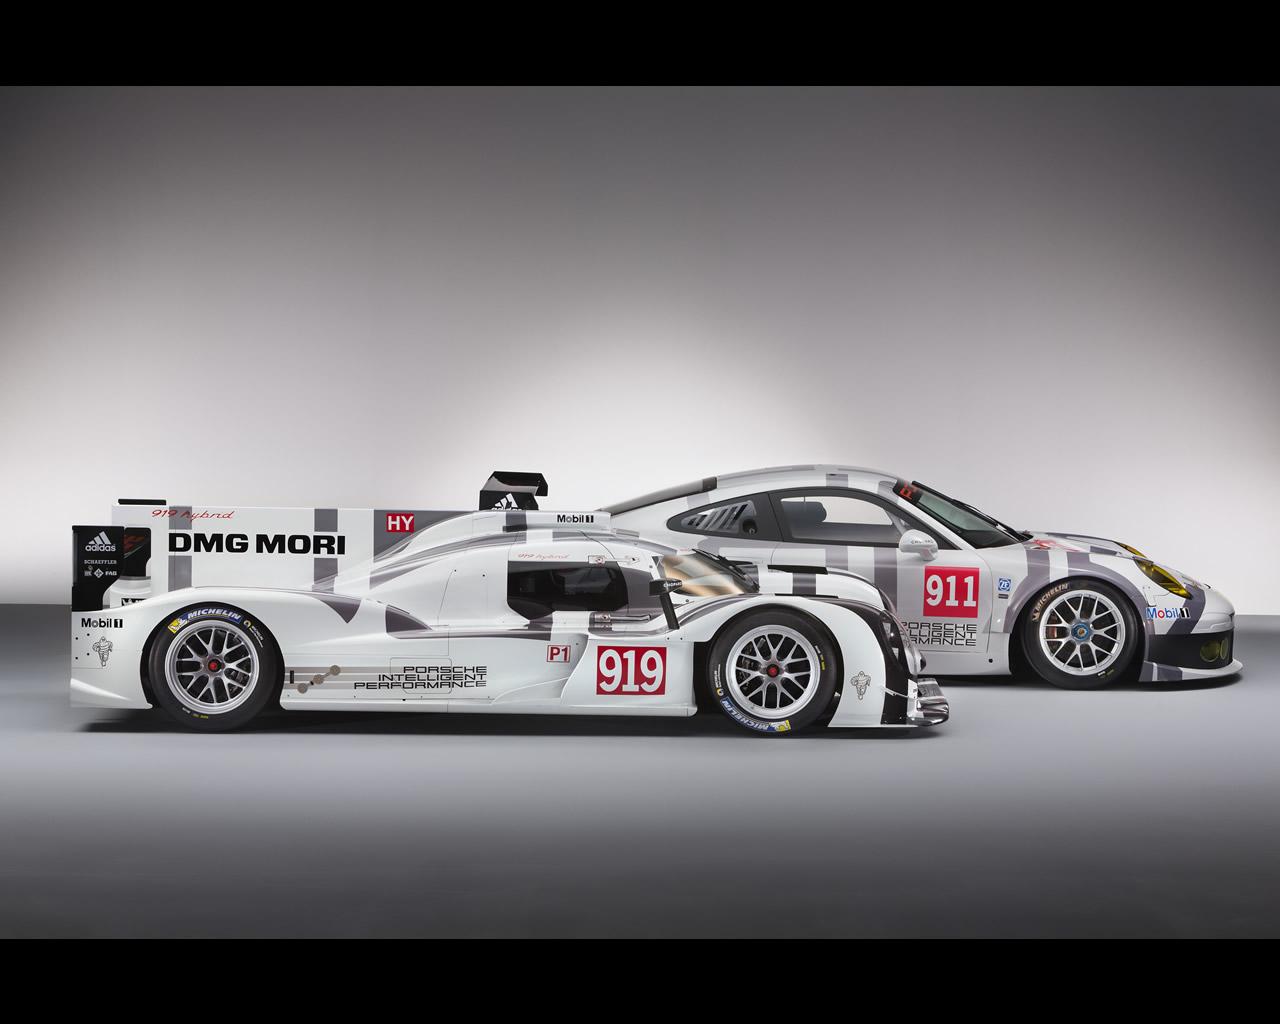 Porsche 919 Hybrid LMP1-H WEC Le Mans 2014